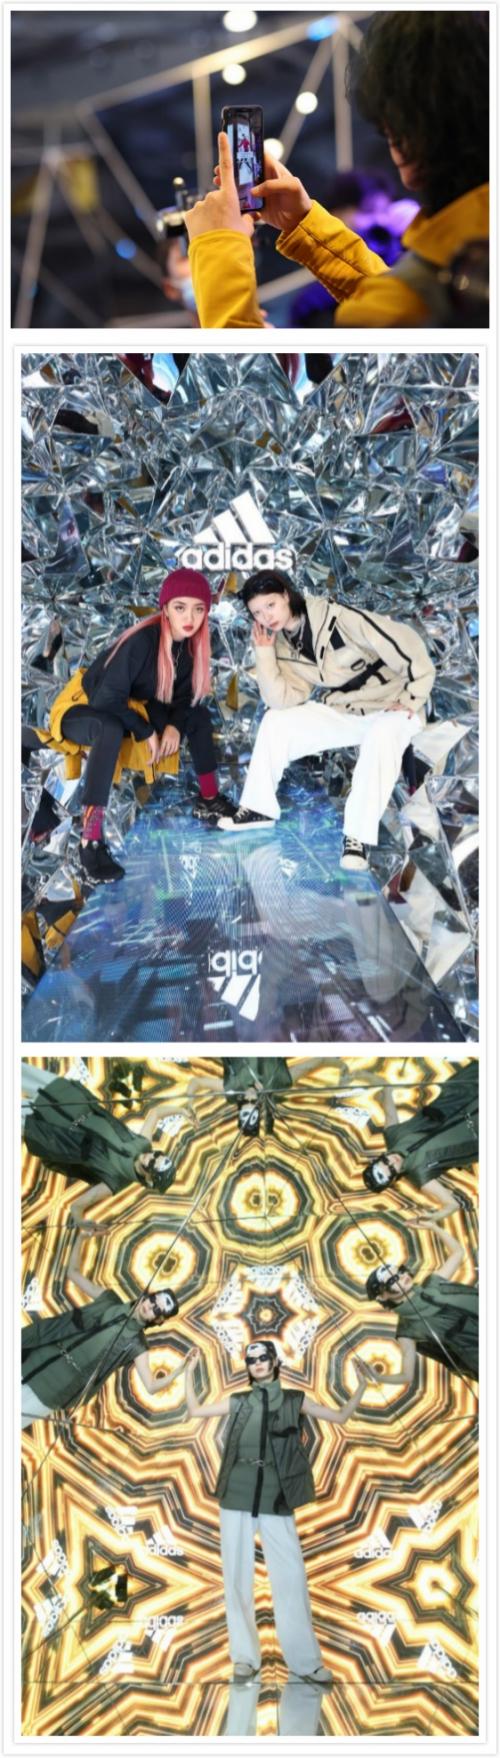 阿迪达斯正式发布冬季系列新品,打造线上线下羽绒不服冬日幻境